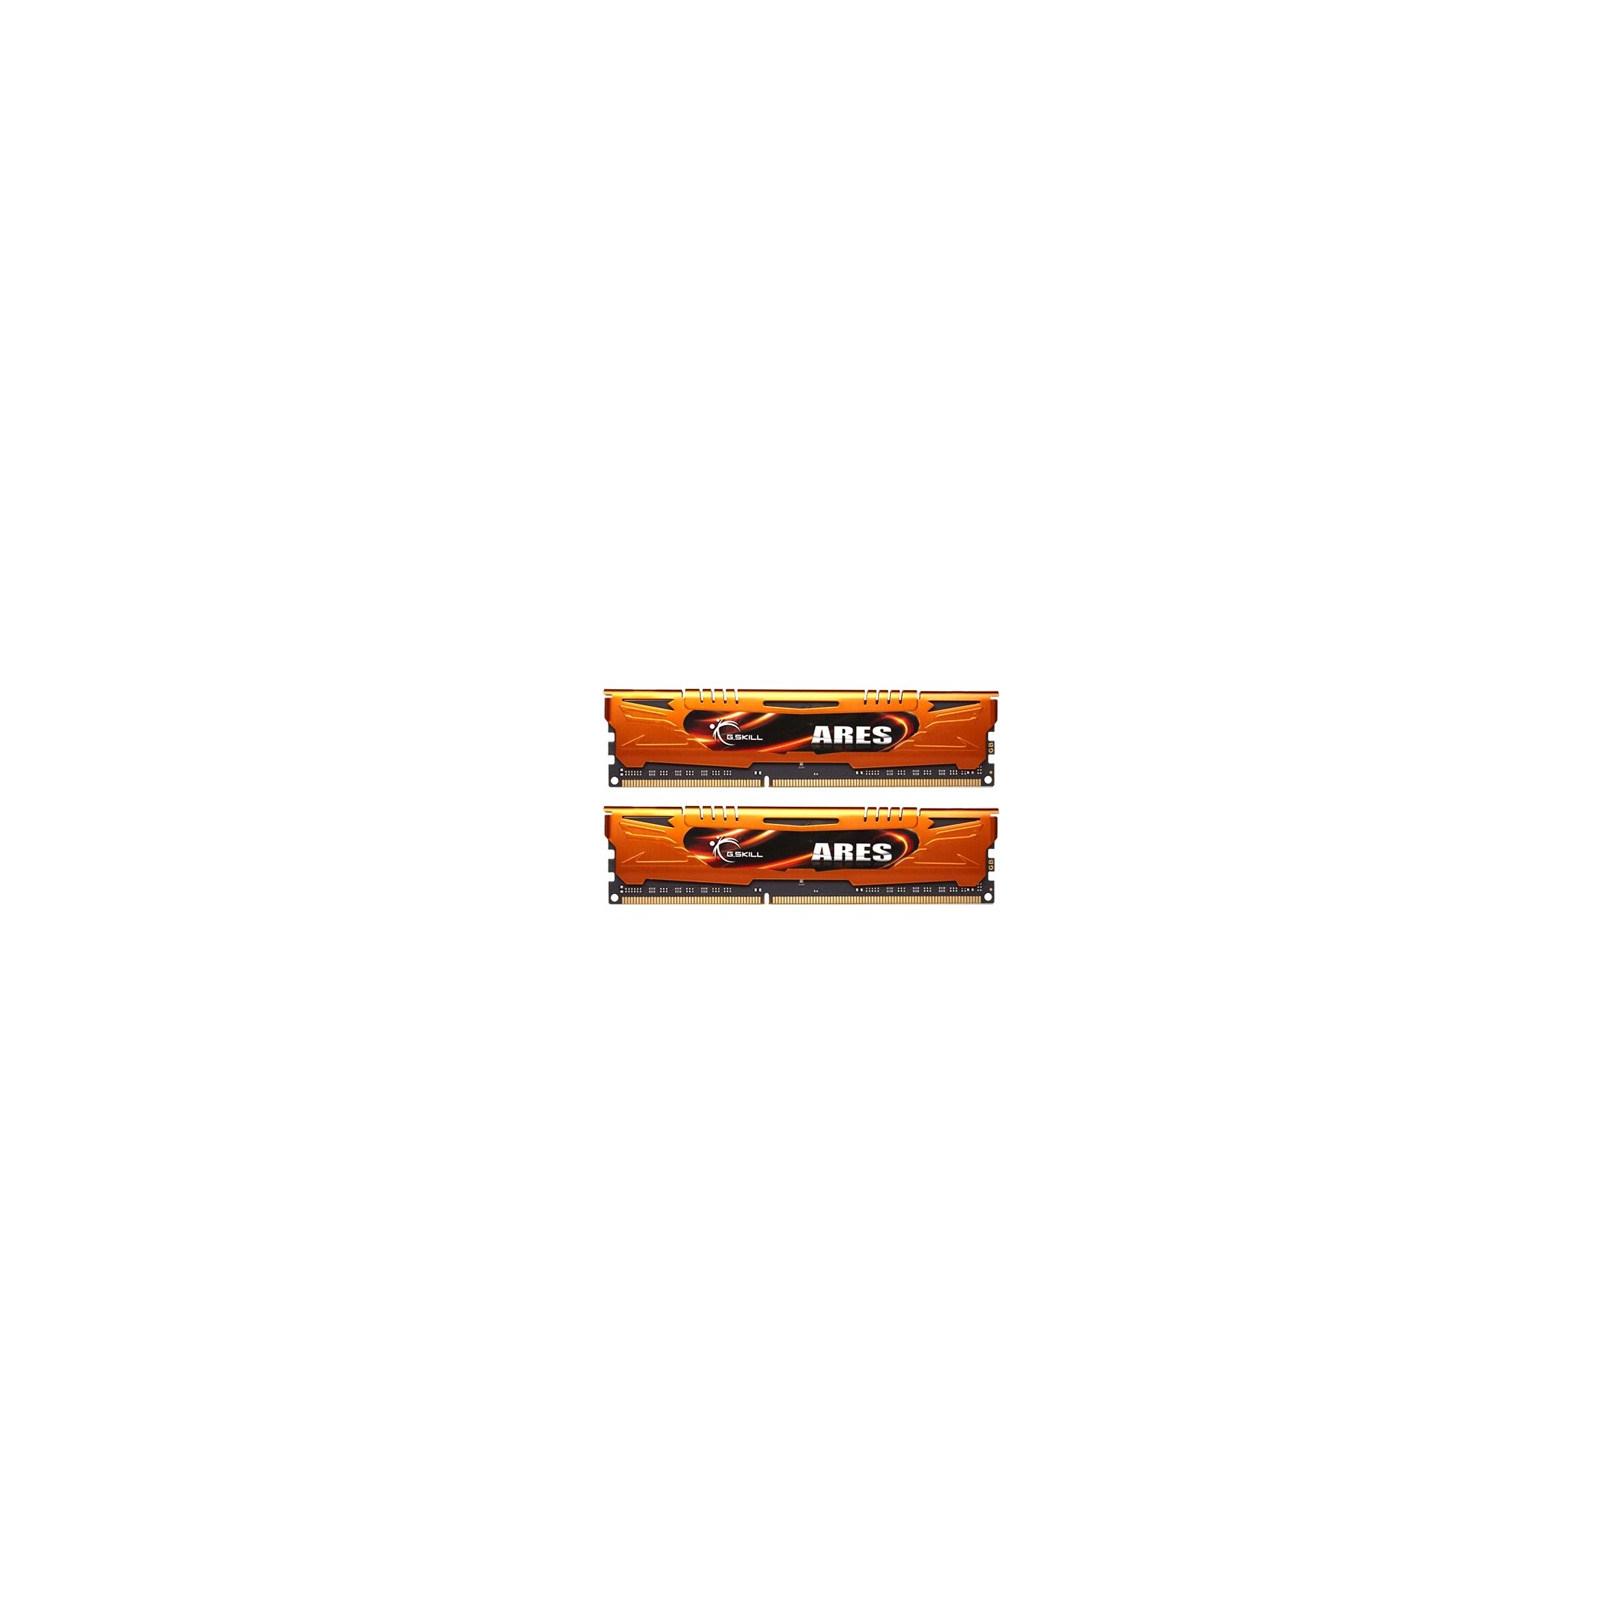 Модуль памяти для компьютера DDR3 8GB (2x4GB) 1600 MHz G.Skill (F3-1600C9D-8GAO)